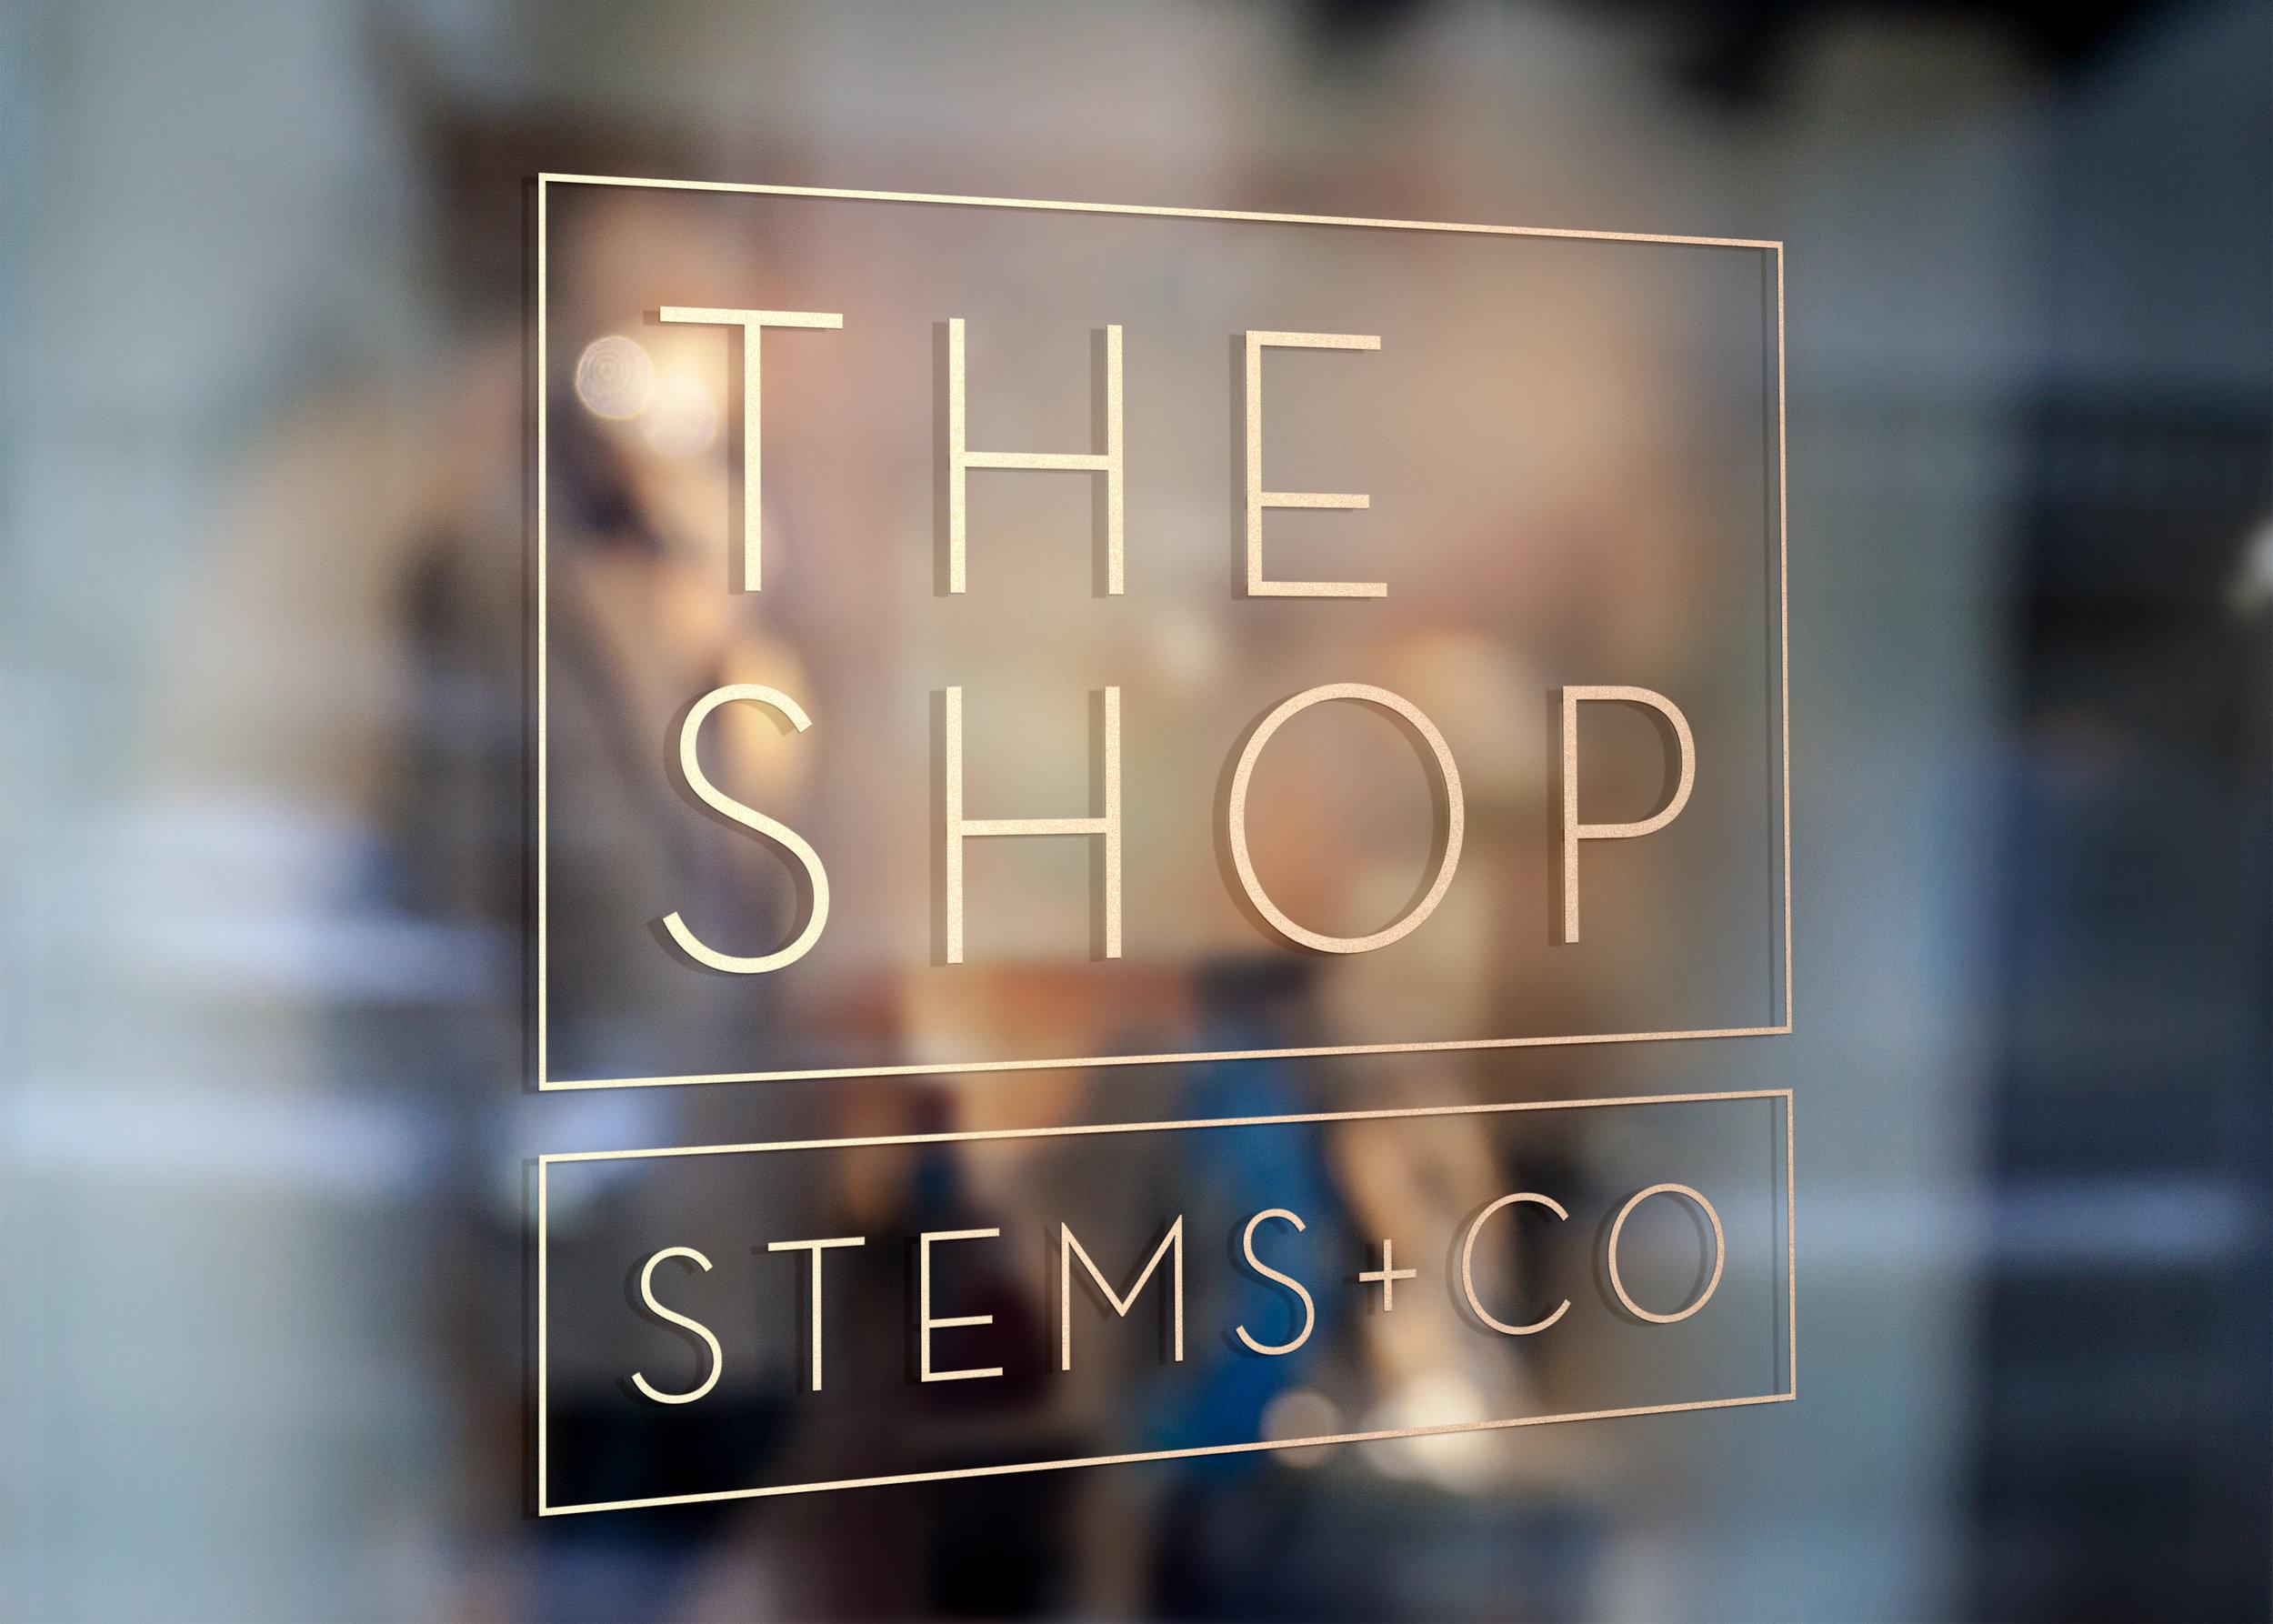 Stems+Co_Window.jpg